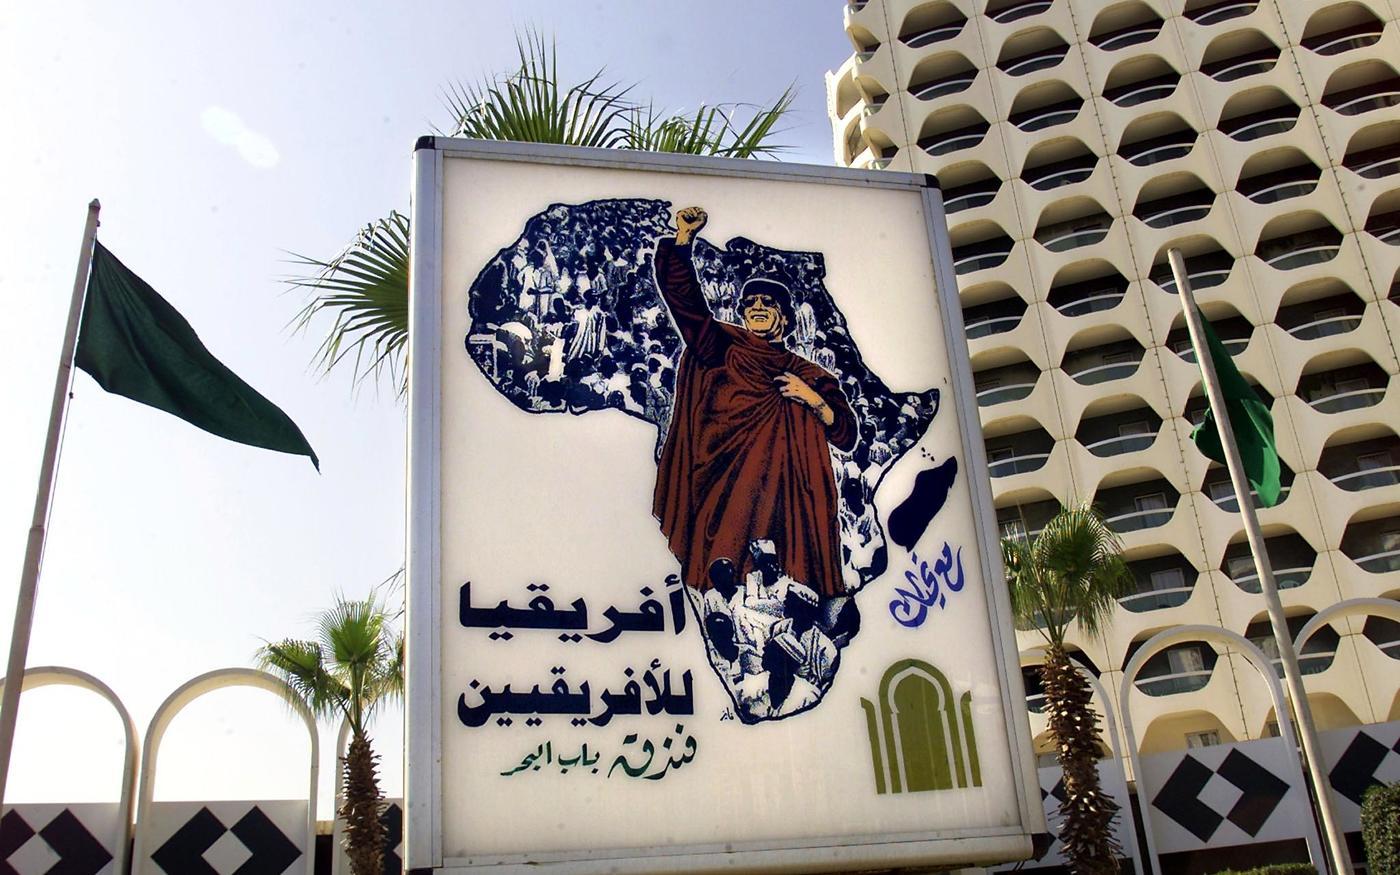 Une affiche de Mouammar Kadhafi sur laquelle on peut lire «L'Afrique appartient aux Africains», apparaît devant l'hôtel Bab al-Bahr (Porte de la mer), à Tripoli, le 17 août 2000 (AFP)